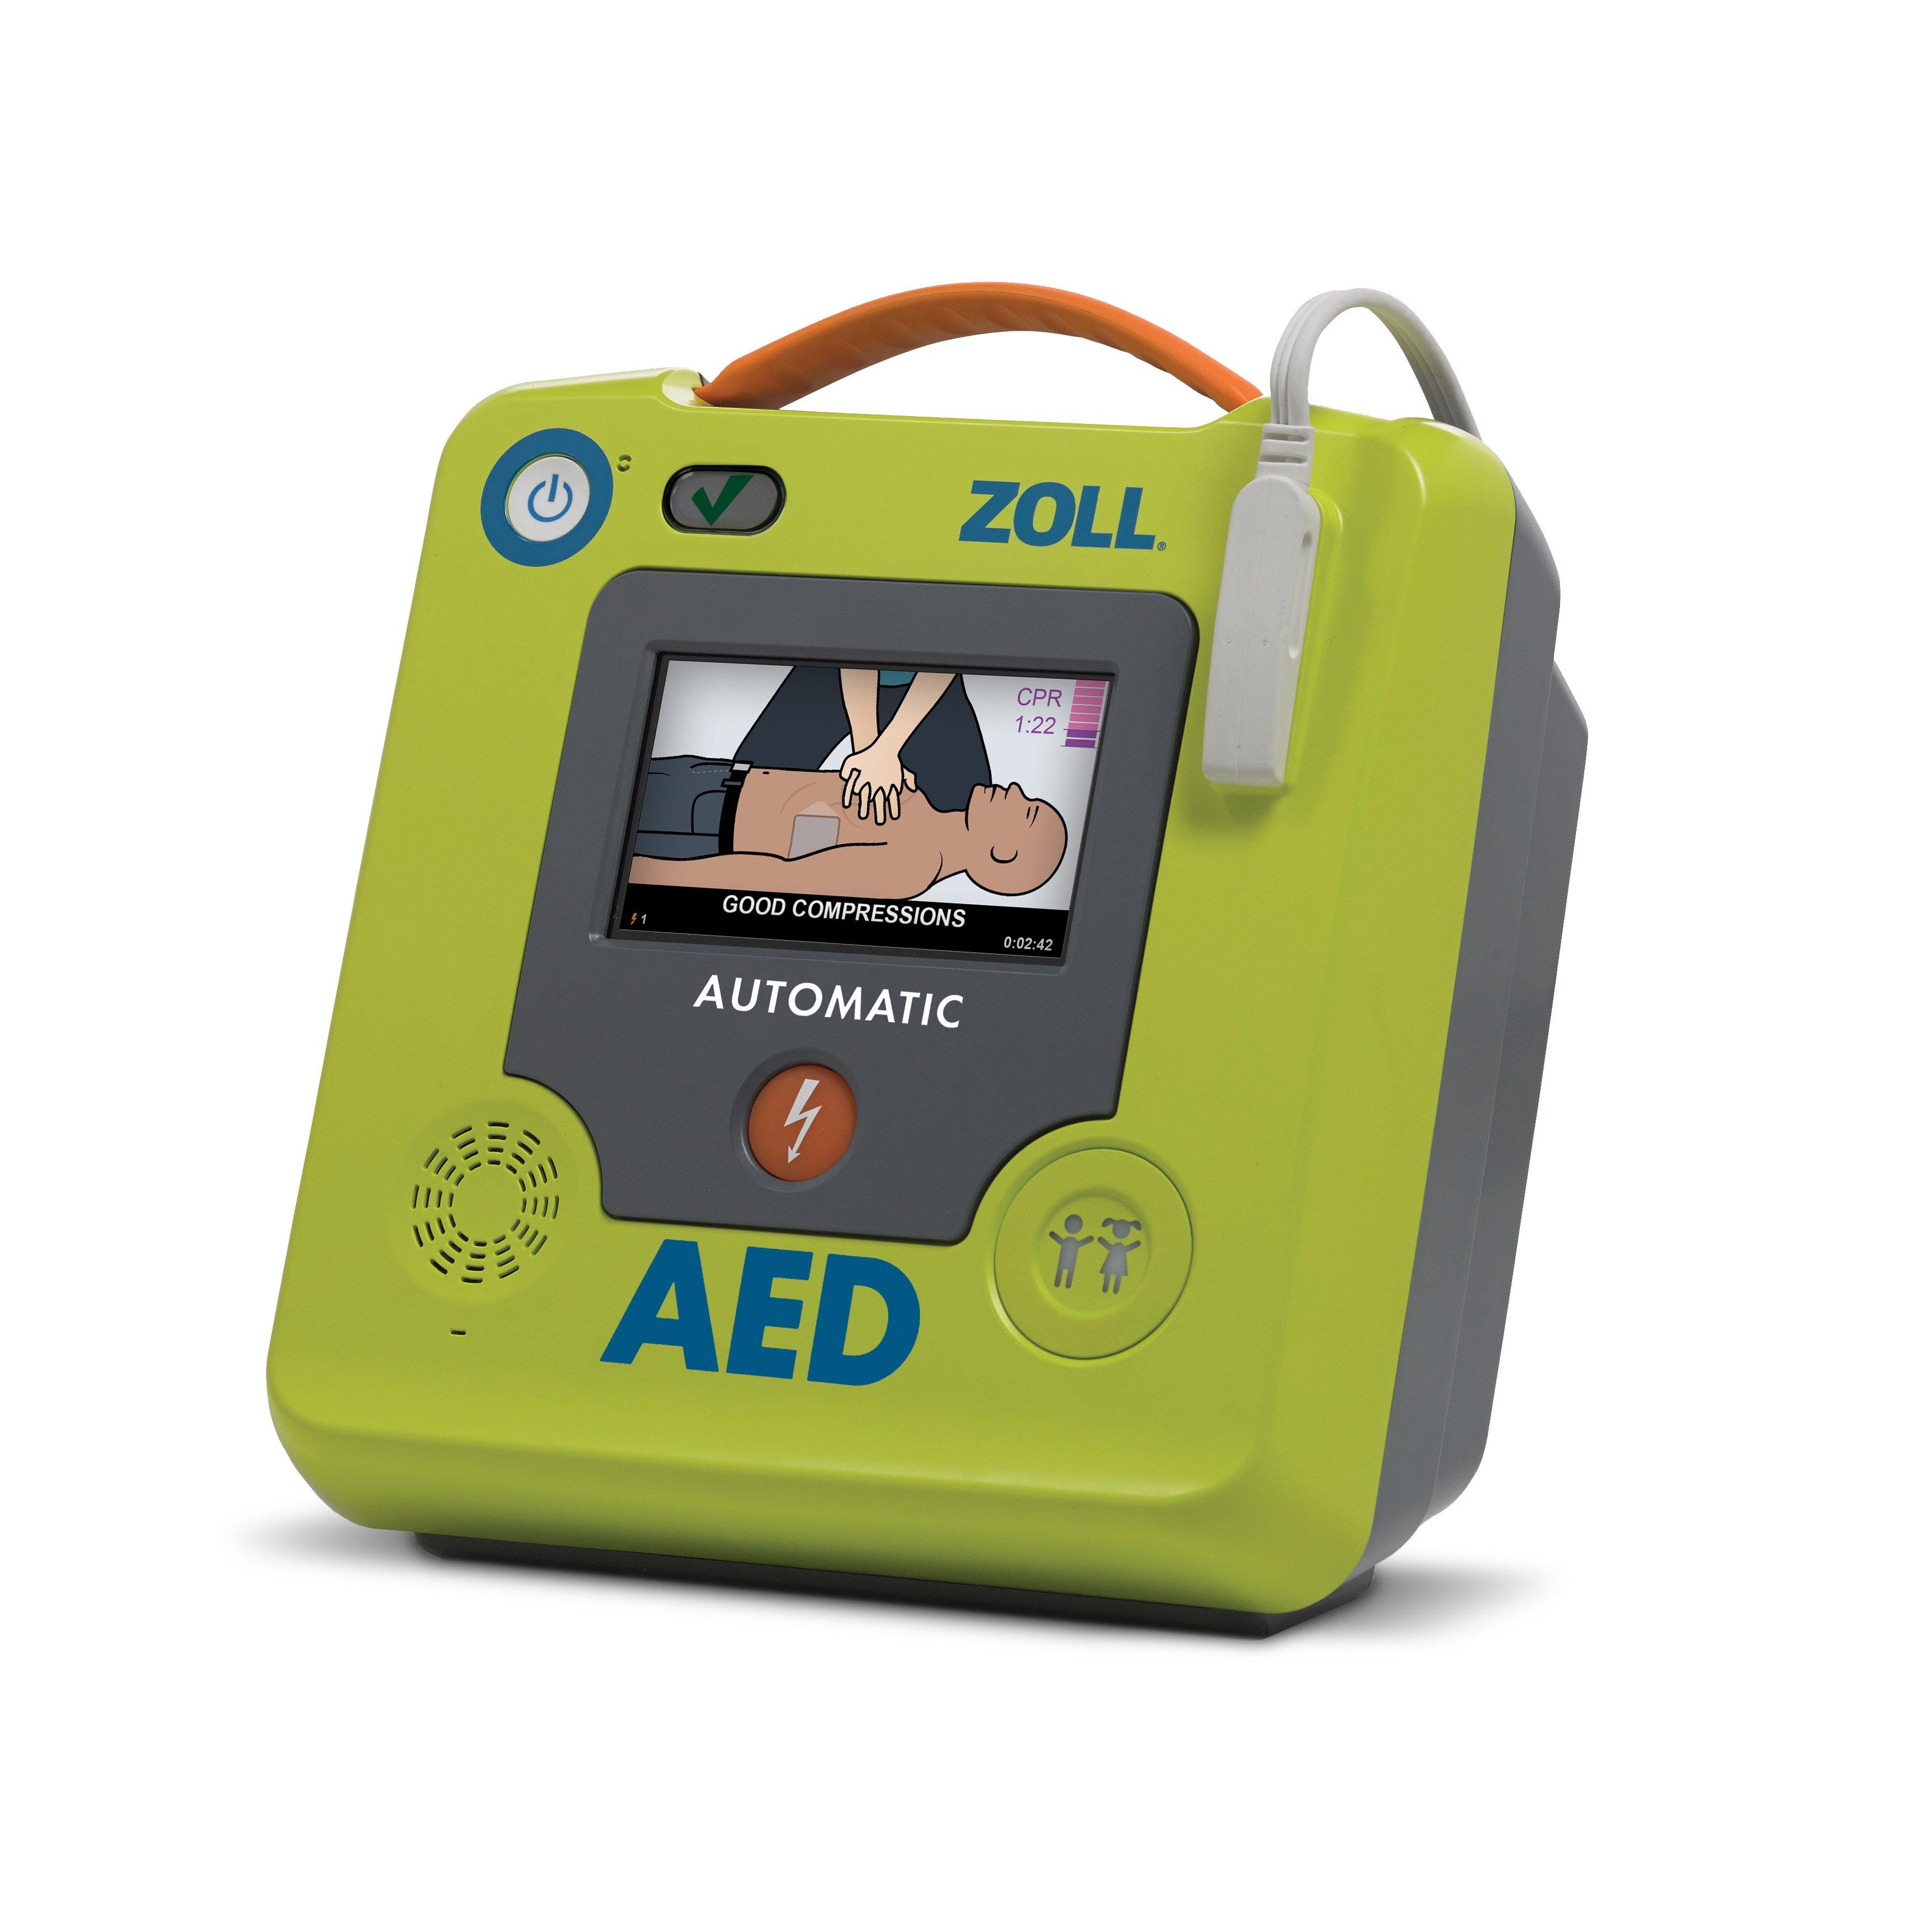 ZOLL AED 3 defibrillaattori ja varaosat